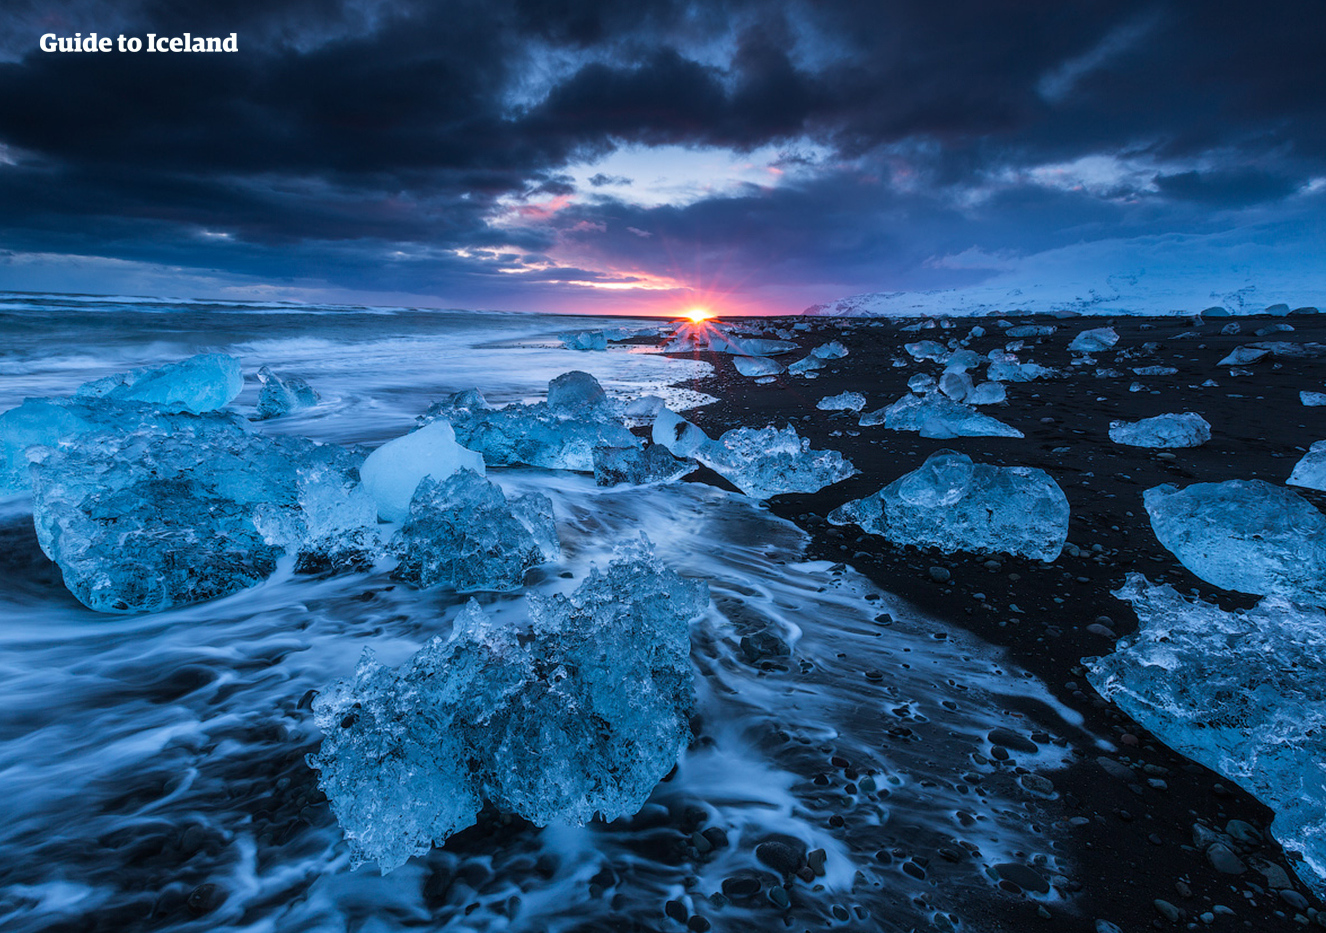 4 Tgiges Game Of Thrones Tour Paket Golden Circle Sdkste Und Pop Ice Bundle Der Diamantstrand In Nhe Gletscherlagune Jkulsrln Im Sden Islands